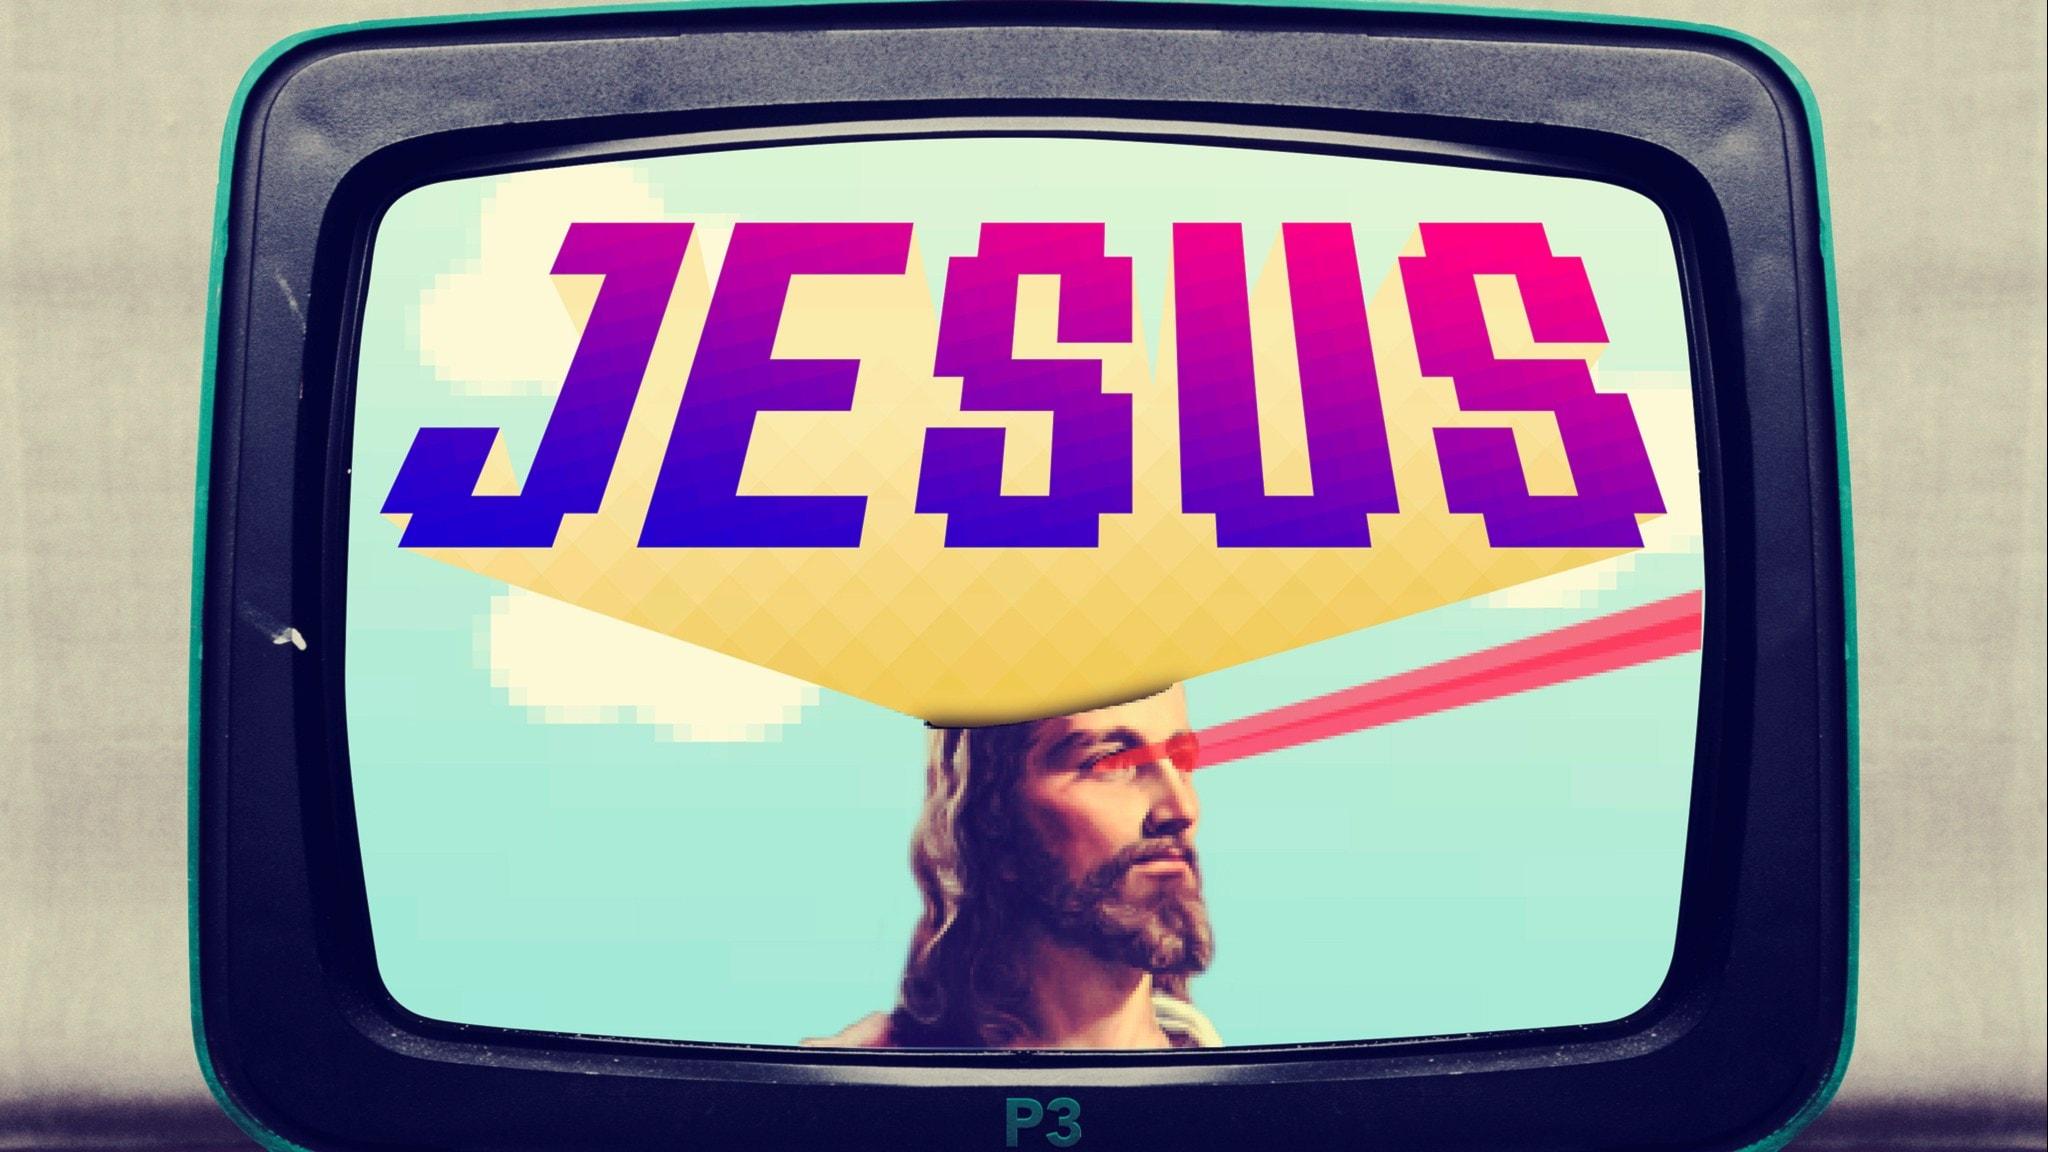 Tv-apparat med plastchassi med en bild på Jesus ansikte och texten JESUS.